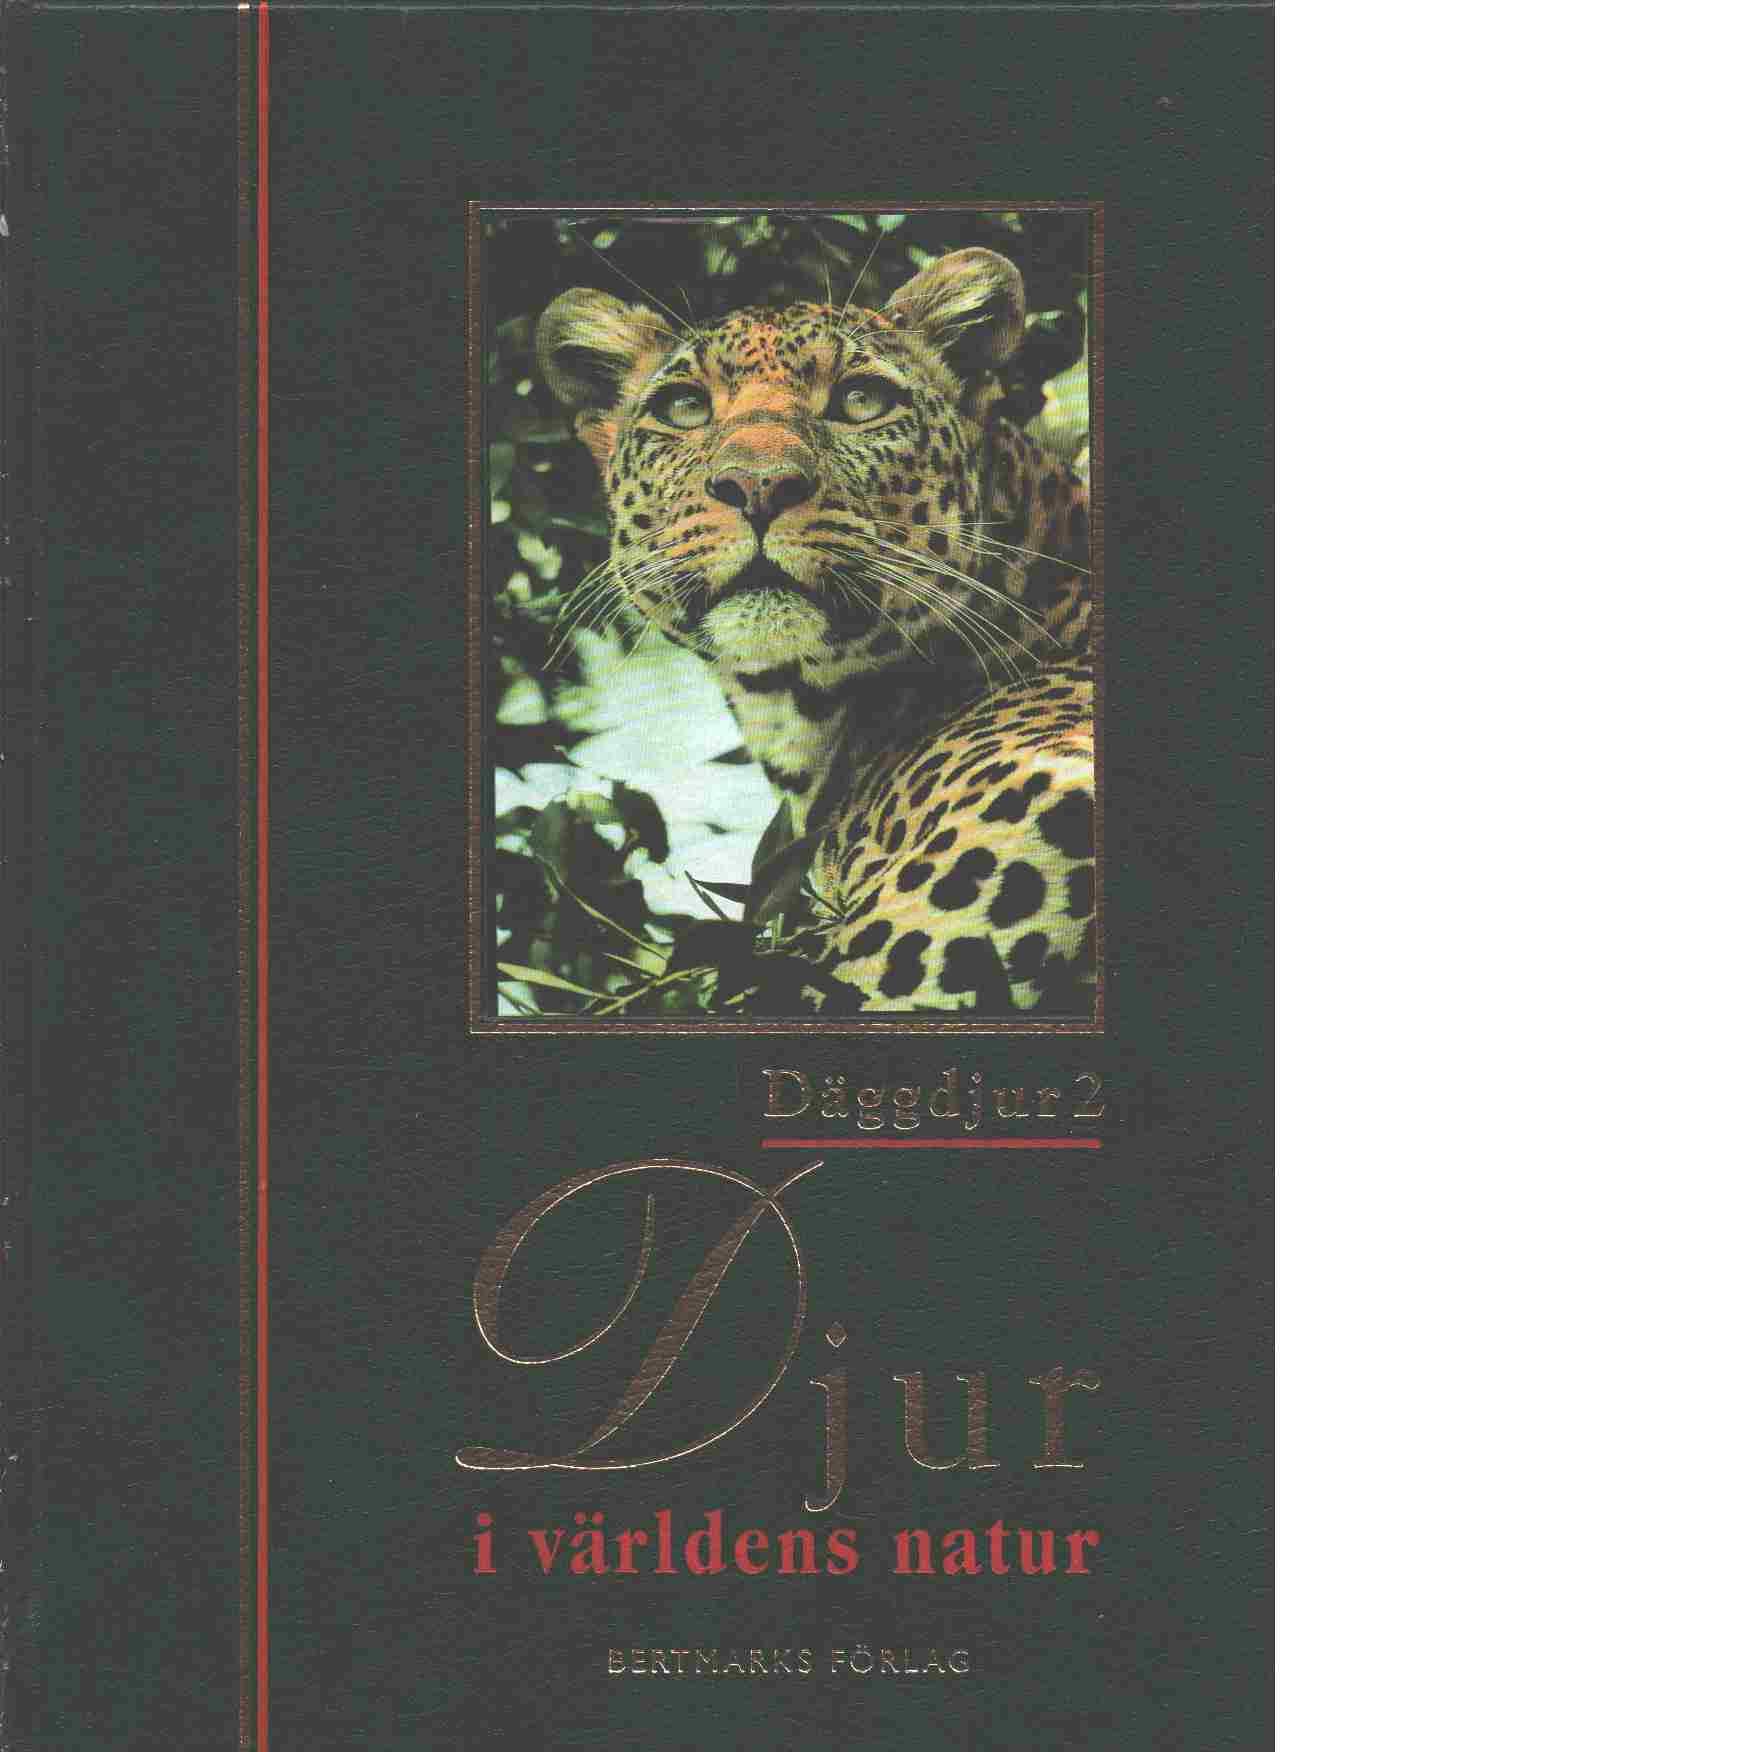 Djur i världens natur. D. 2, Däggdjur. 2 - Red. Lokki, Juhani och Blomqvist, Leif